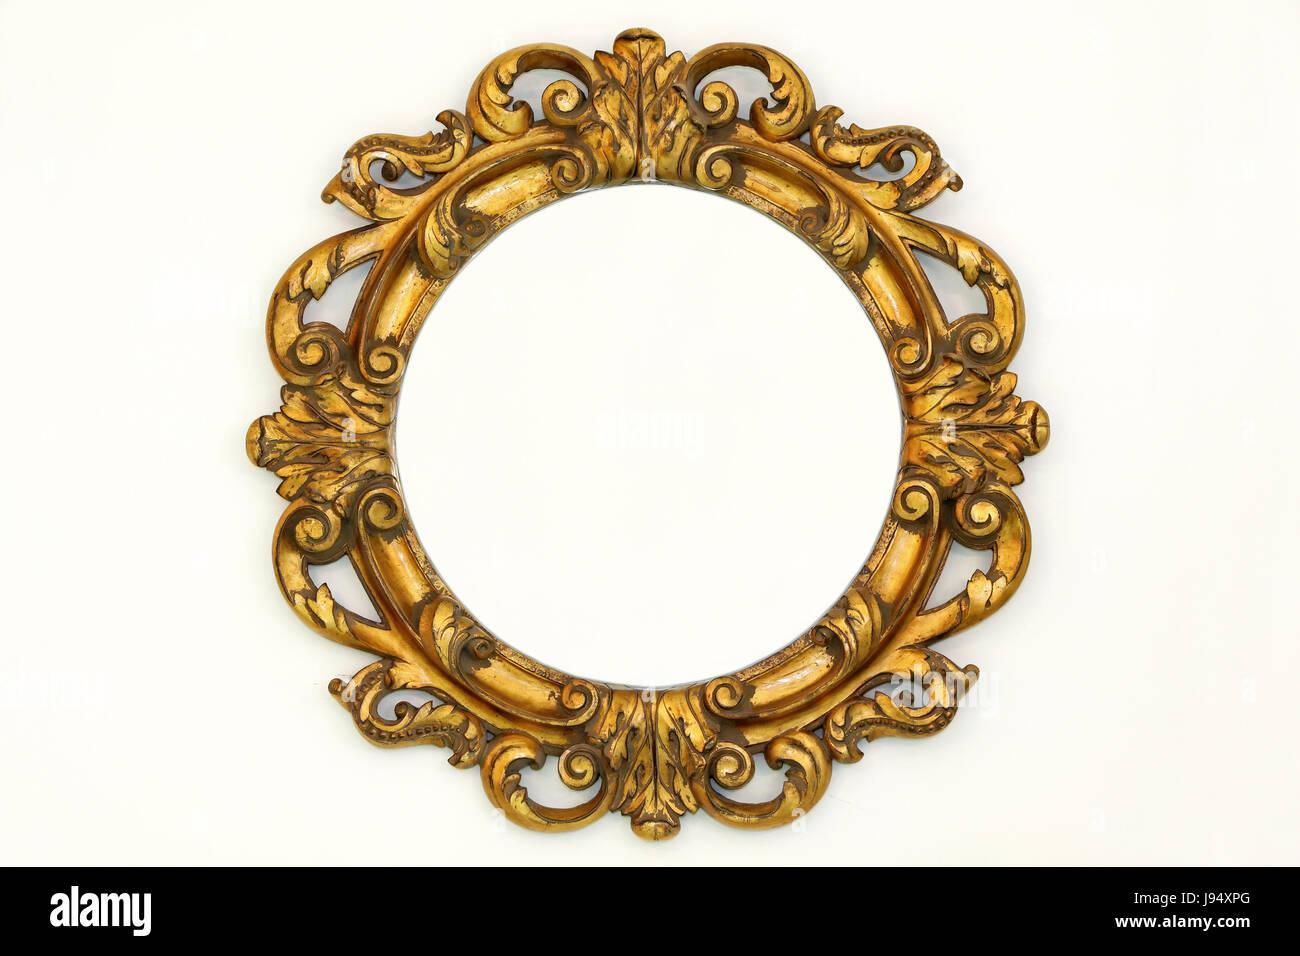 Baroque vintage retro decorative oval frame old gold stock baroque vintage retro decorative oval frame old gold framework jeuxipadfo Images